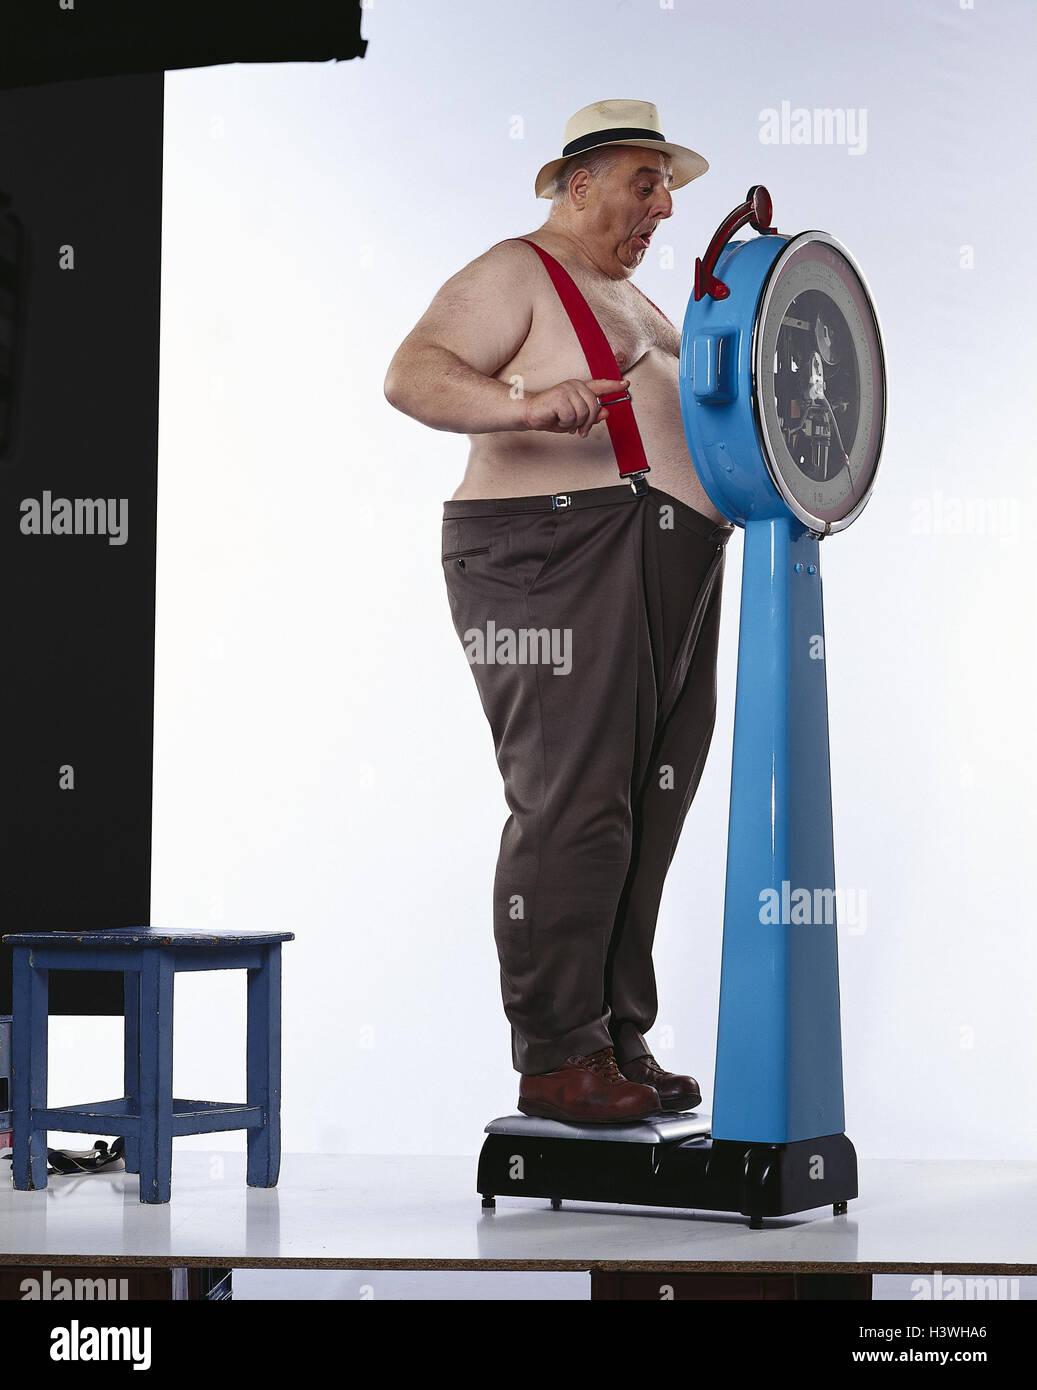 Hombre, escamas gruesas, libre en la parte superior del cuerpo, la atención, las llaves mb 148 A5 Imagen De Stock